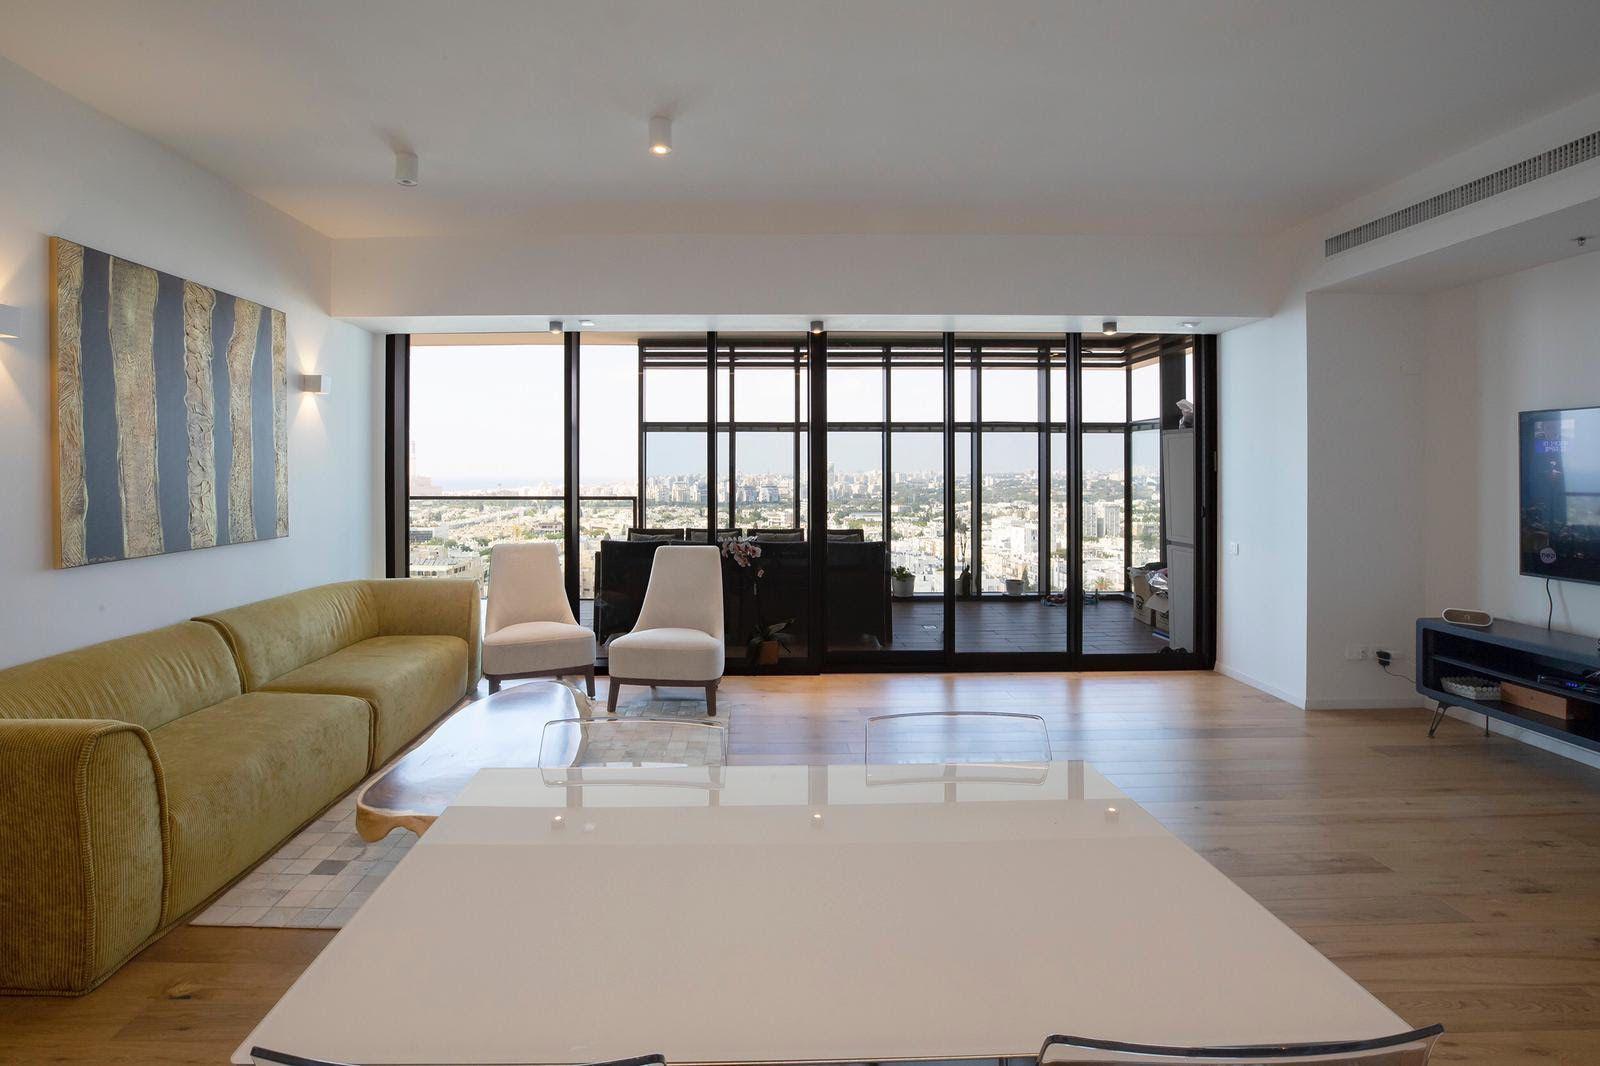 למכירה דירת יוקרה במגדל הגימנסיה תל אביב - יפו